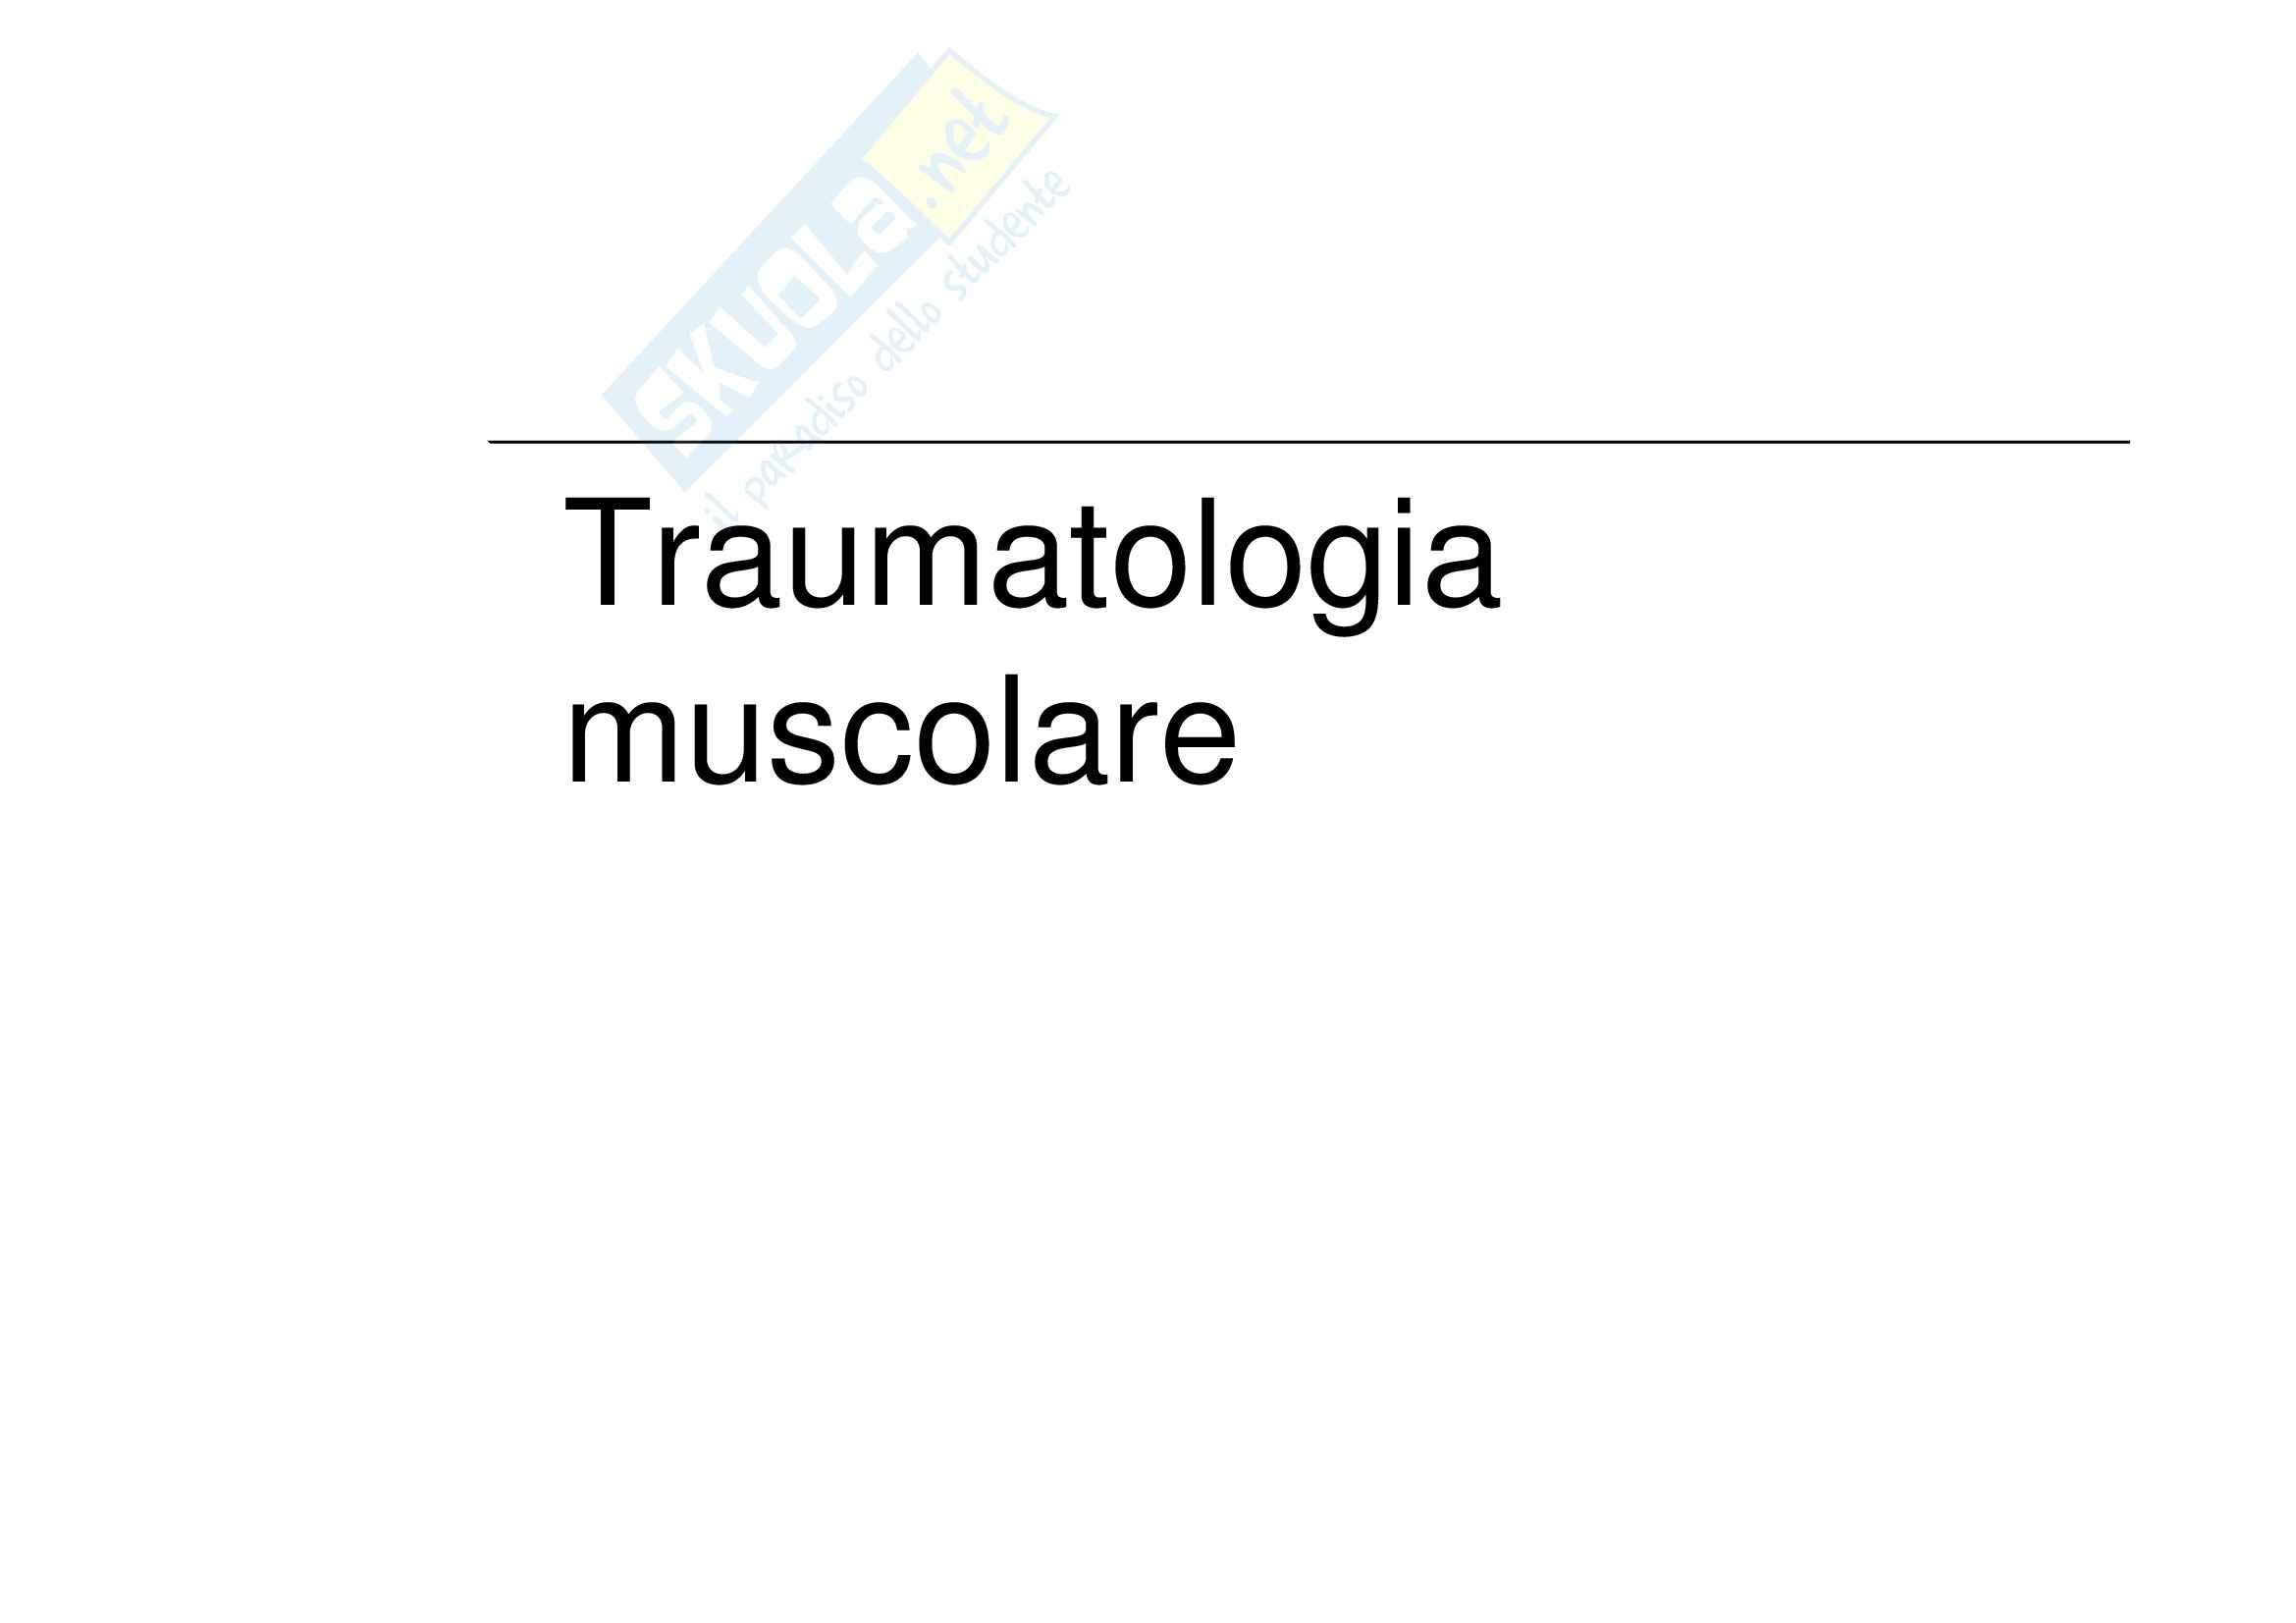 Traumatologi dello sport - traumi muscolari